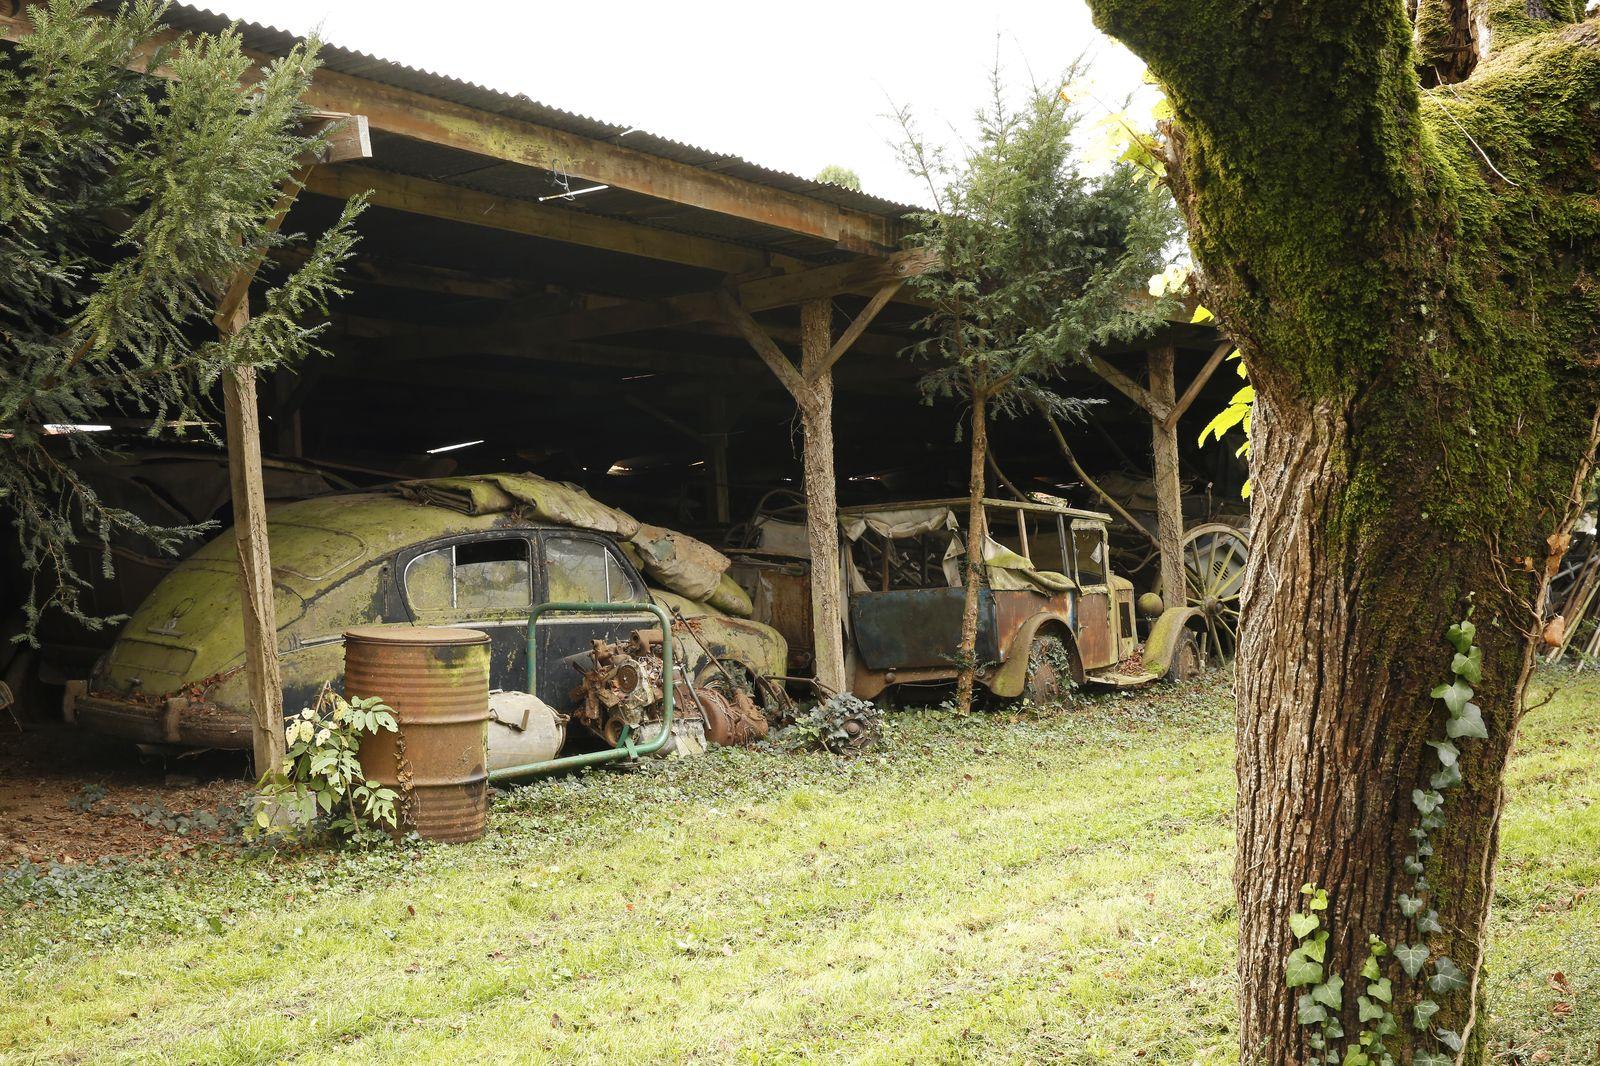 کشف انباری از خودروهای عتیقه در فرانسه